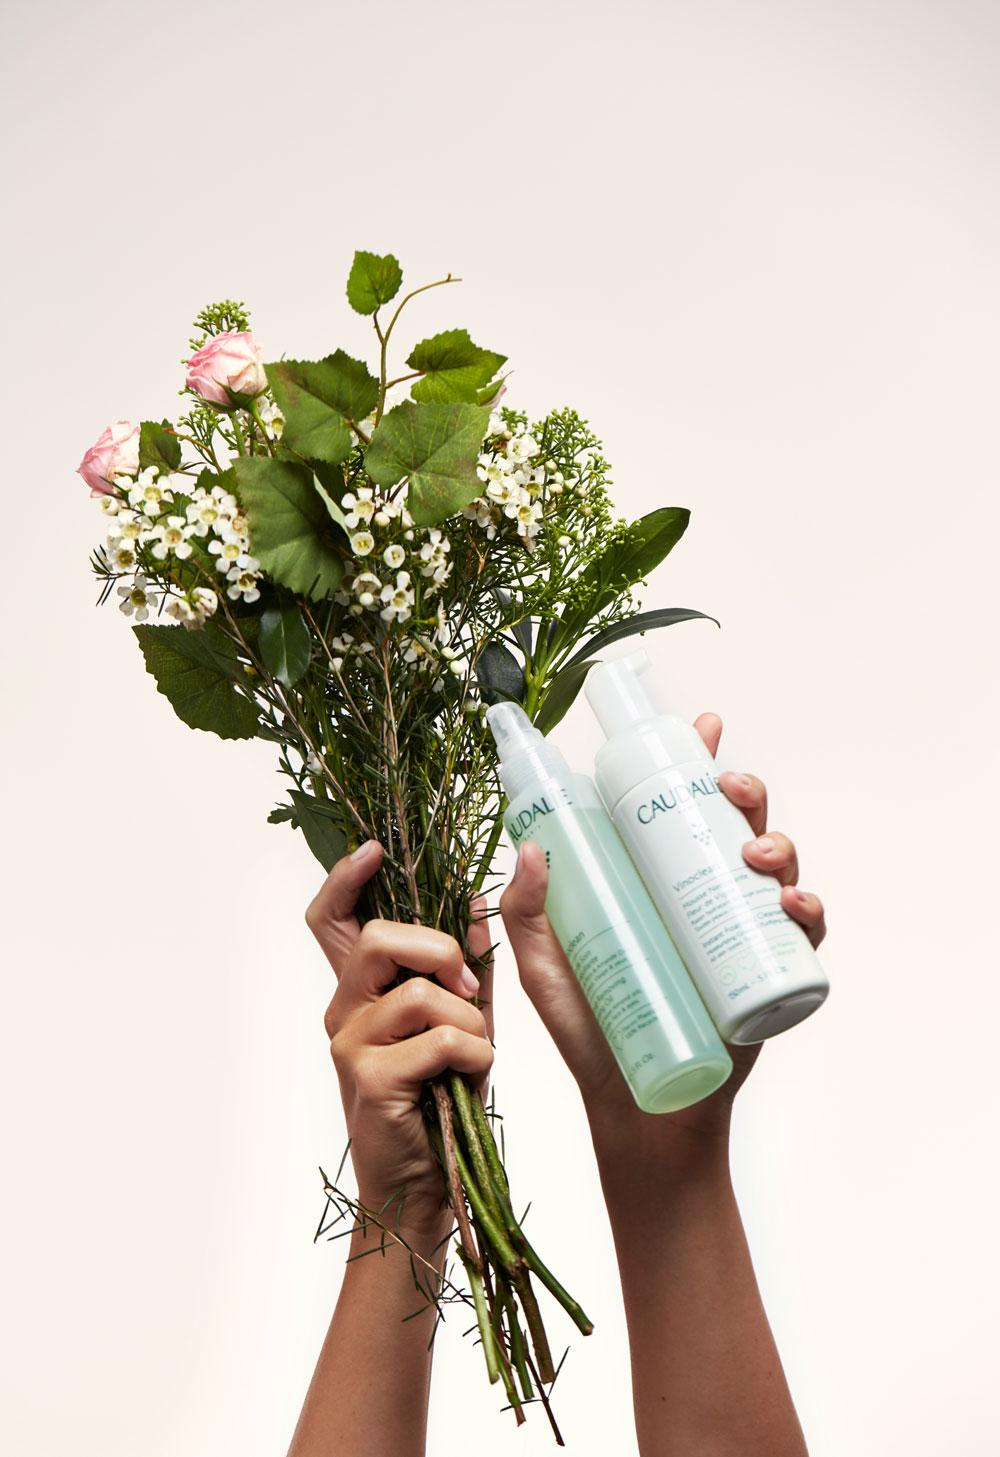 """Caudalie lanciert mit Vinoclean nach eigenen Aussagen """"the cleanest and greenest cleanser"""", die gut für die Haut und die Umwelt sind."""